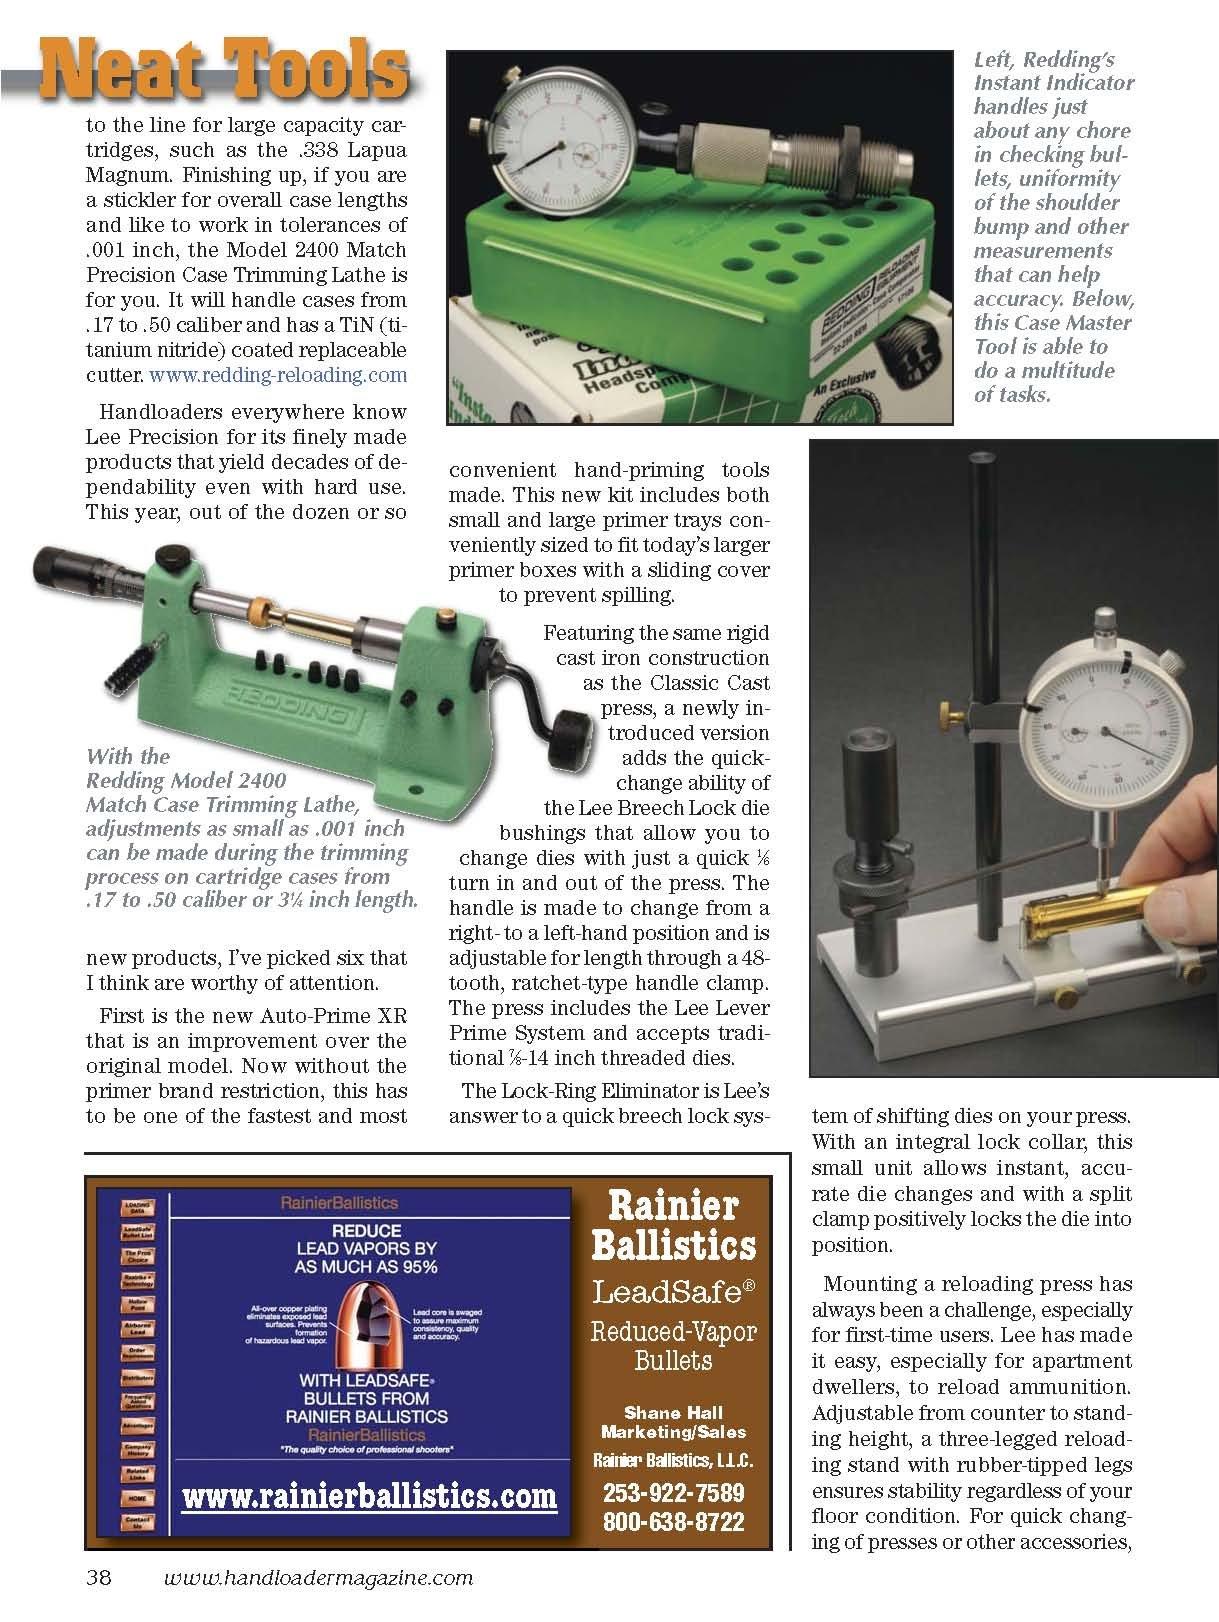 Handloader Ammunition Reloading Journal - October 2011